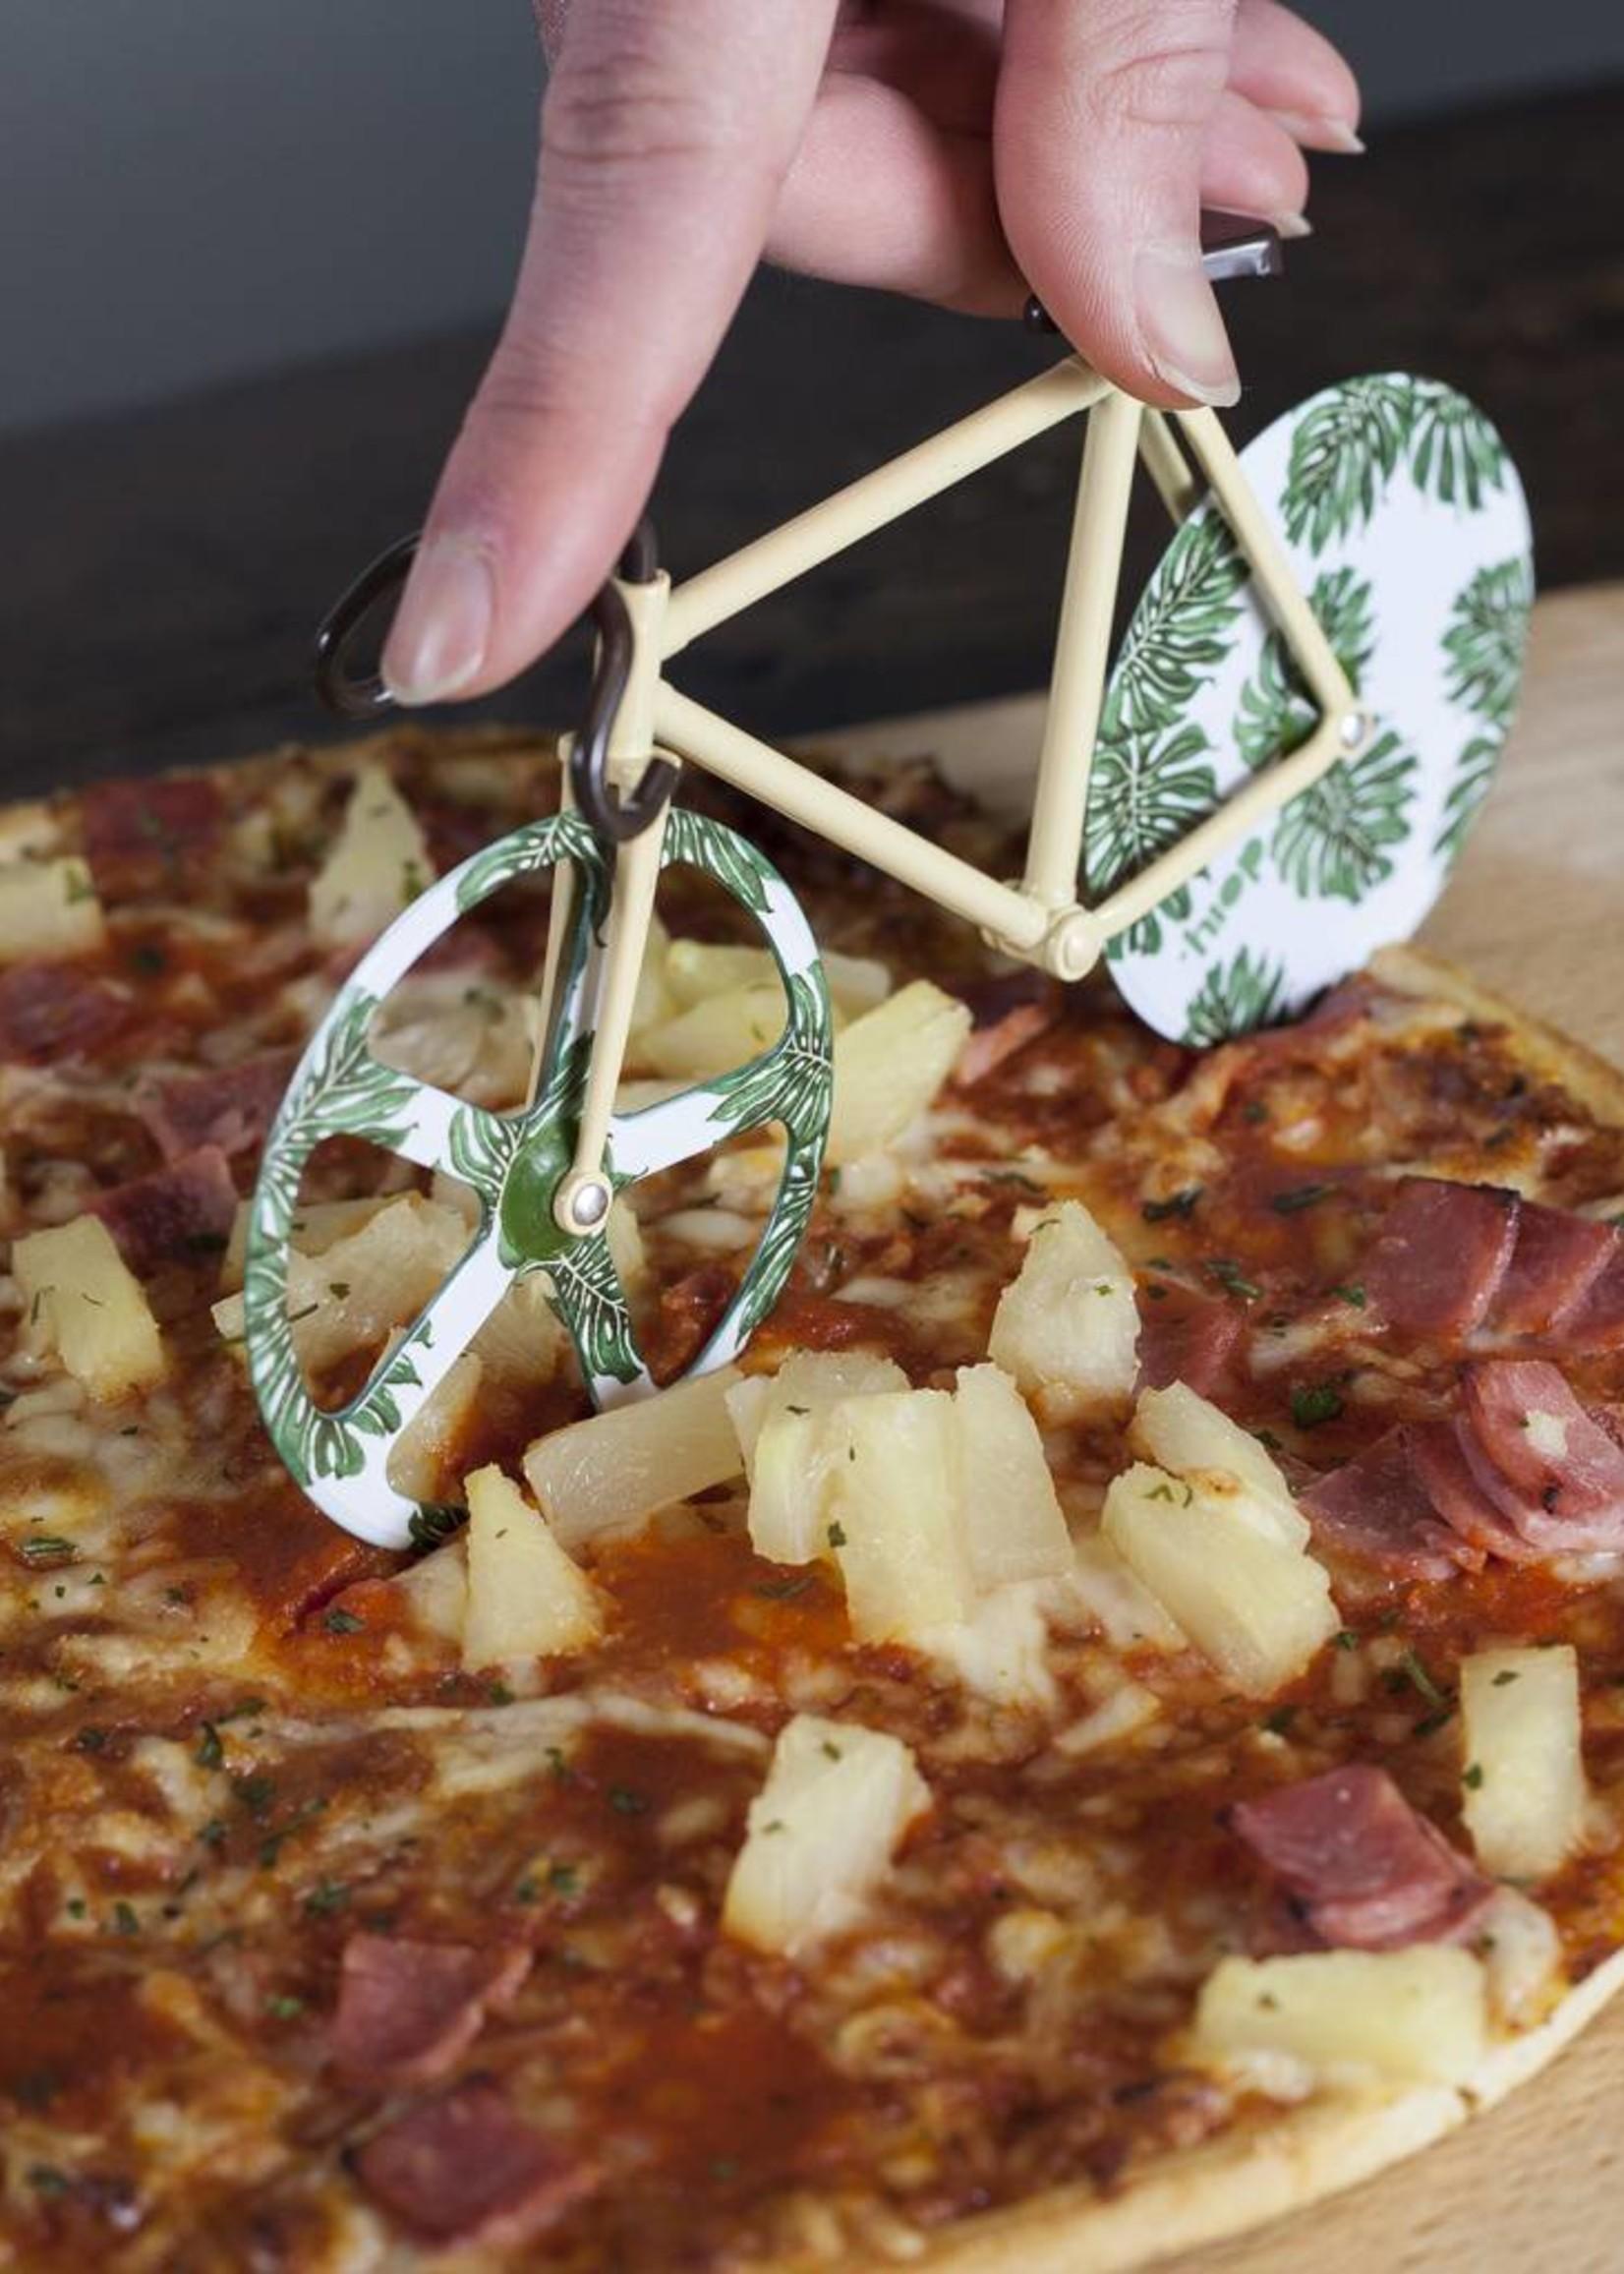 DOIY The Fixie Pizza Cutter